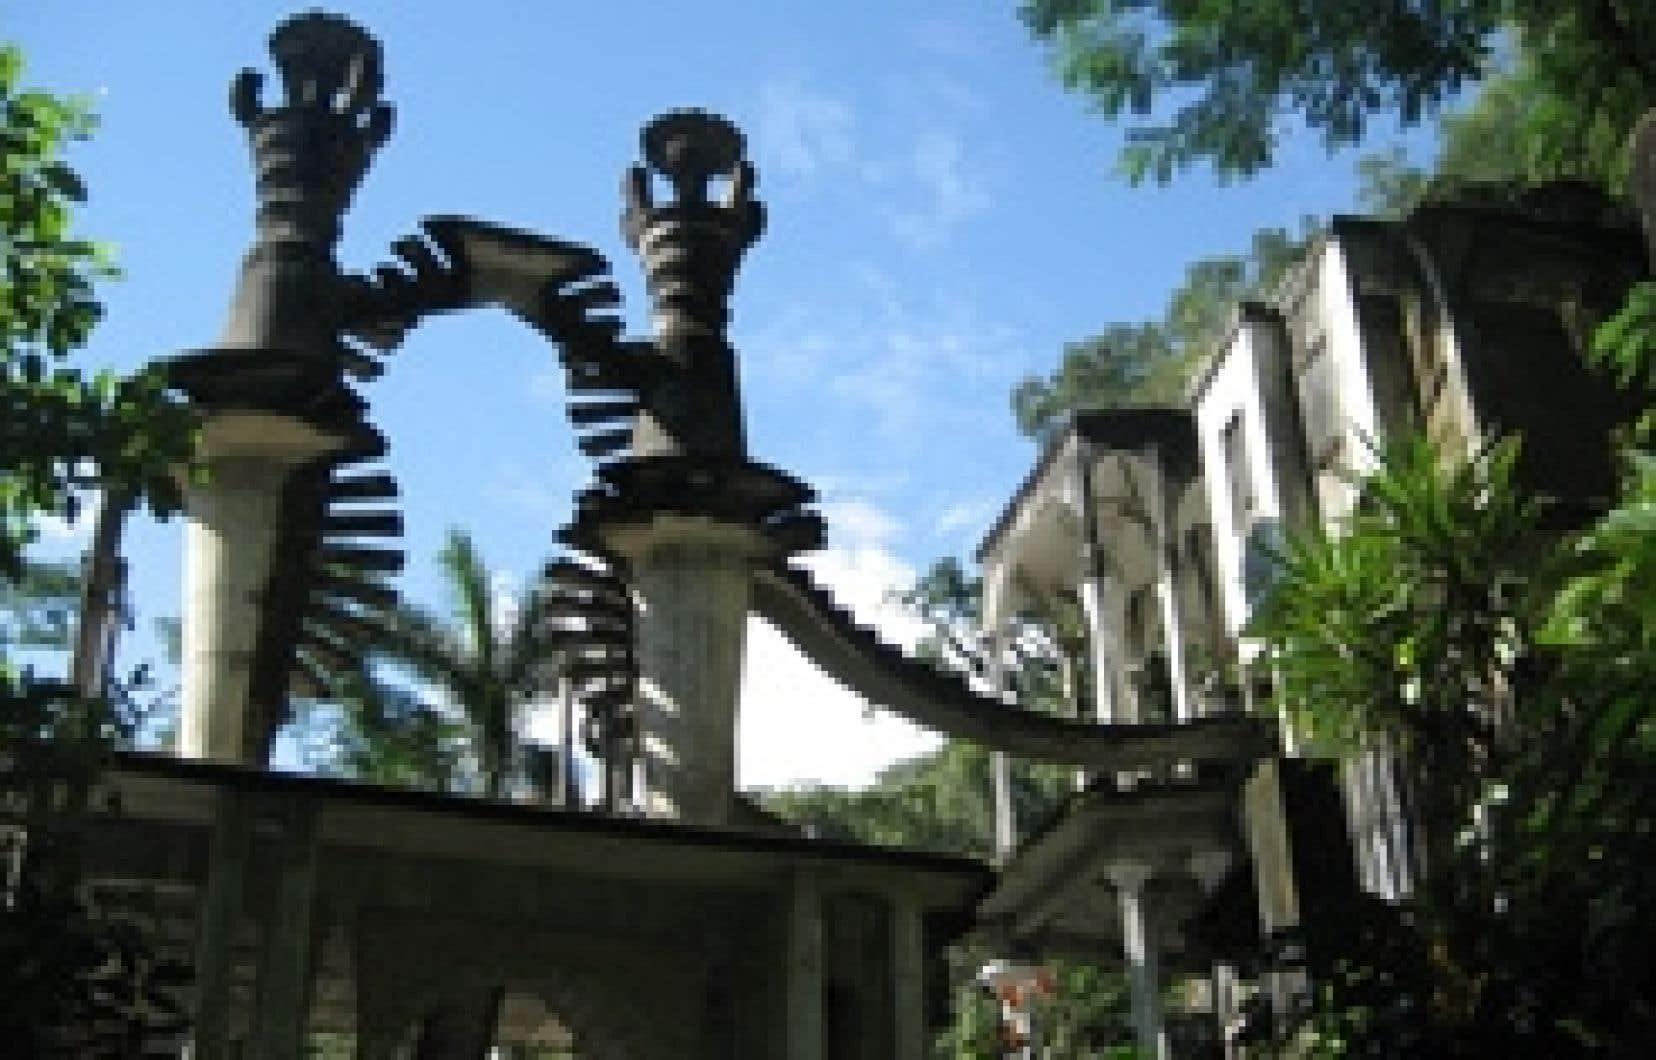 Comment expliquer cette oeuvre imposante de James, composée de 36 immenses palais depuis lesquels des escaliers sans issue tourbillonnent vers le firmament, sinon en disant qu'elle est un pur délire architectural rappelant un peu Gaudi, Borromini, Si